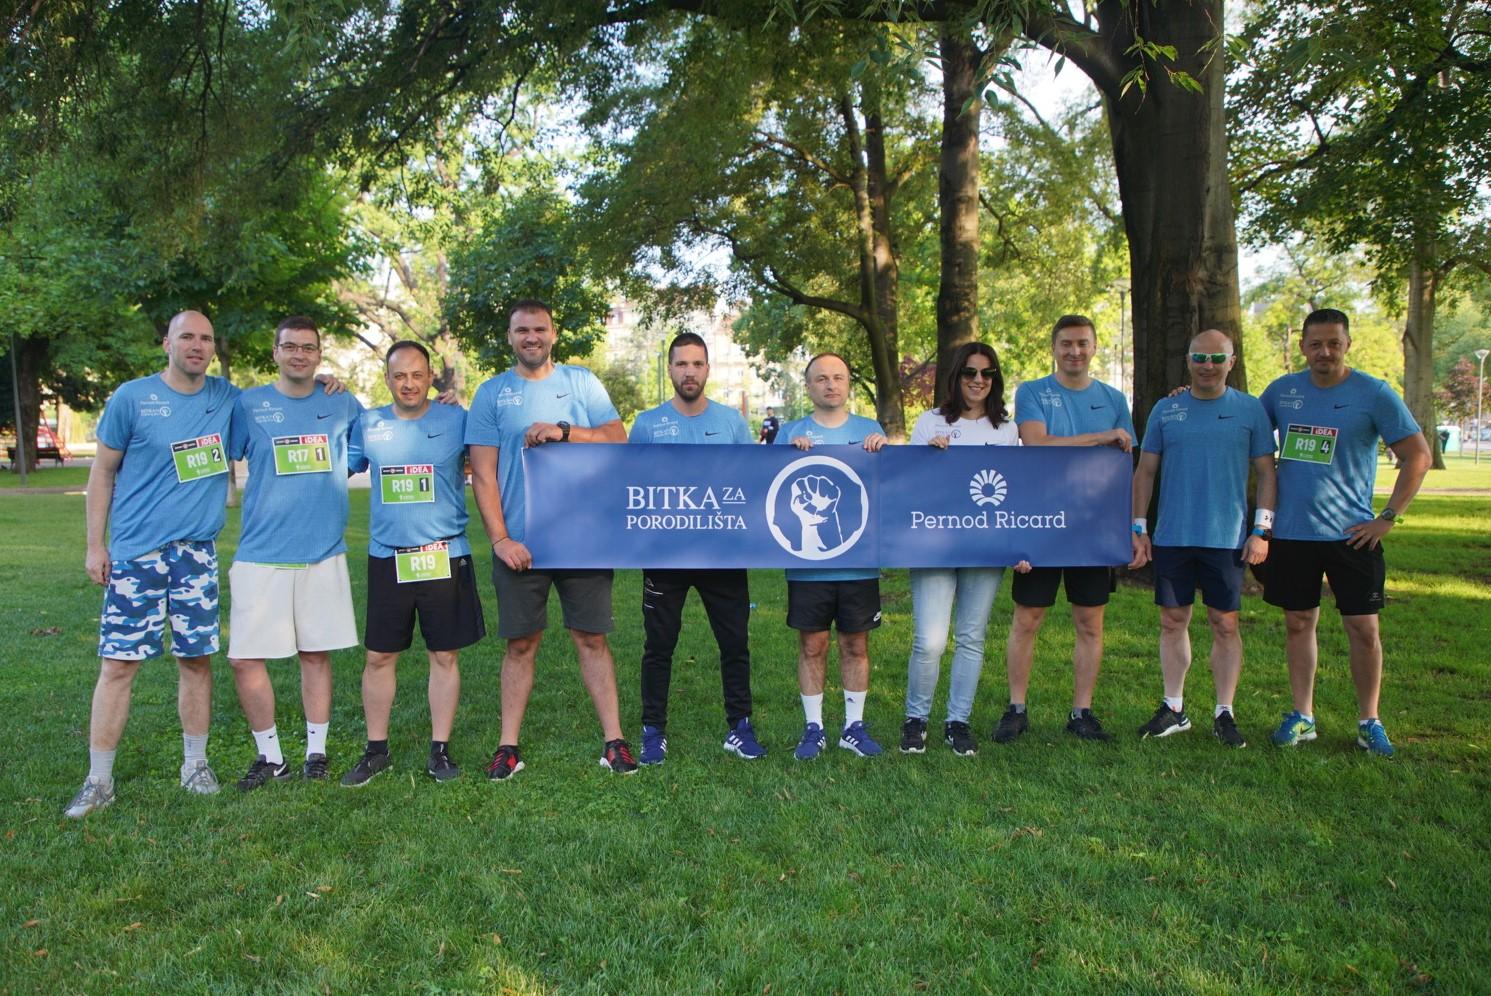 """Go to Nastavak podrške inicijativi """"Bitka za porodilišta"""" Fonda B92 <br> Zaposleni kompanije Pernod Ricard učestvovali na Beogradskom maratonu"""